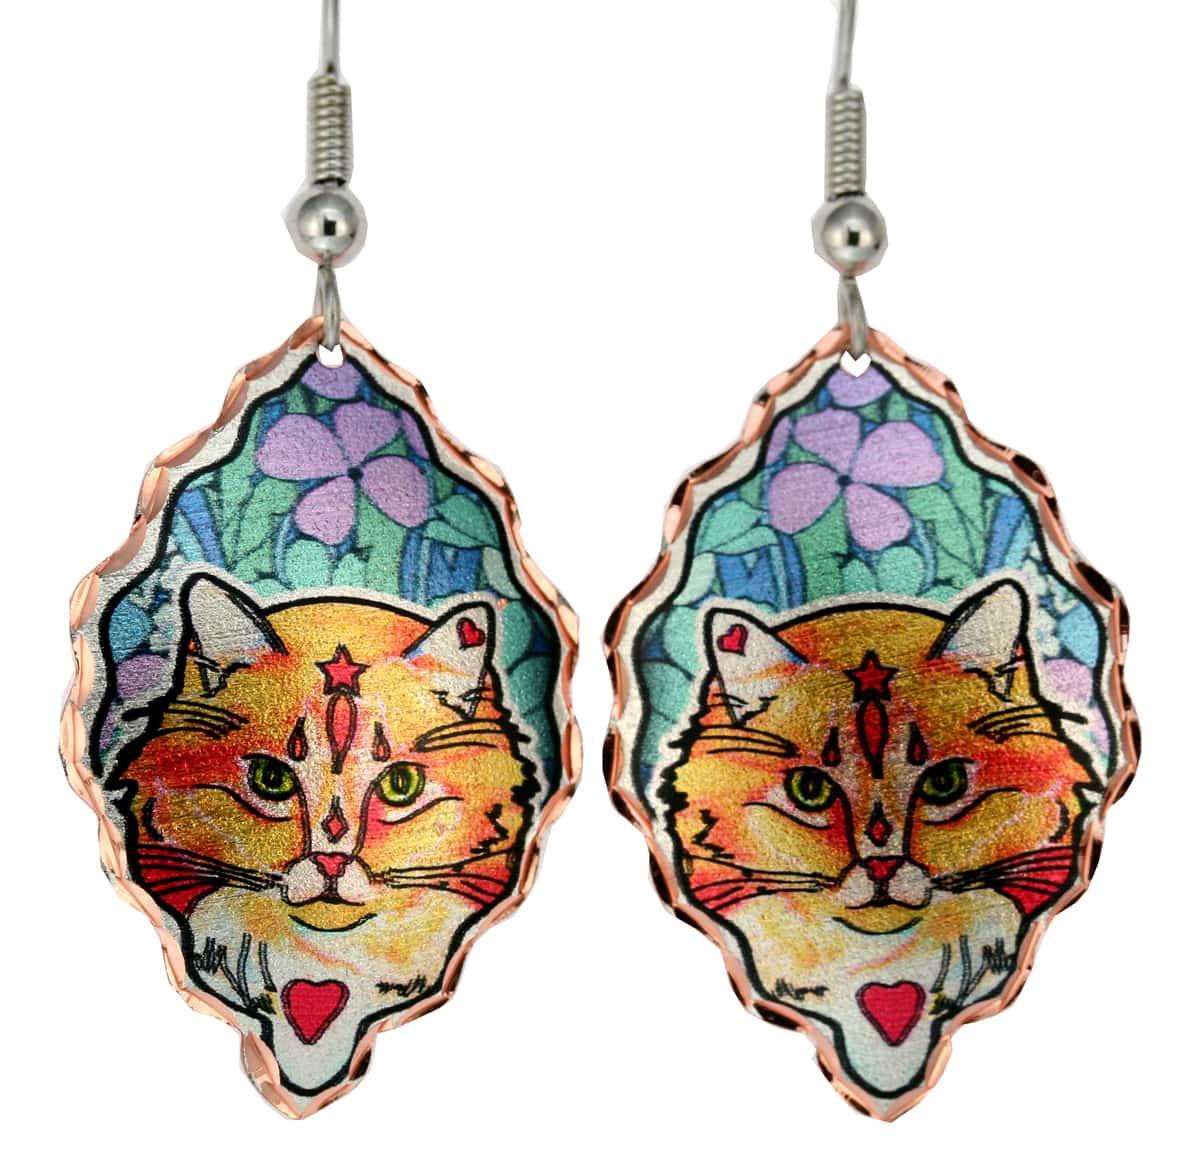 Jo Lynch's Whimsical Art Jewelry, Tabby Cat Earrings